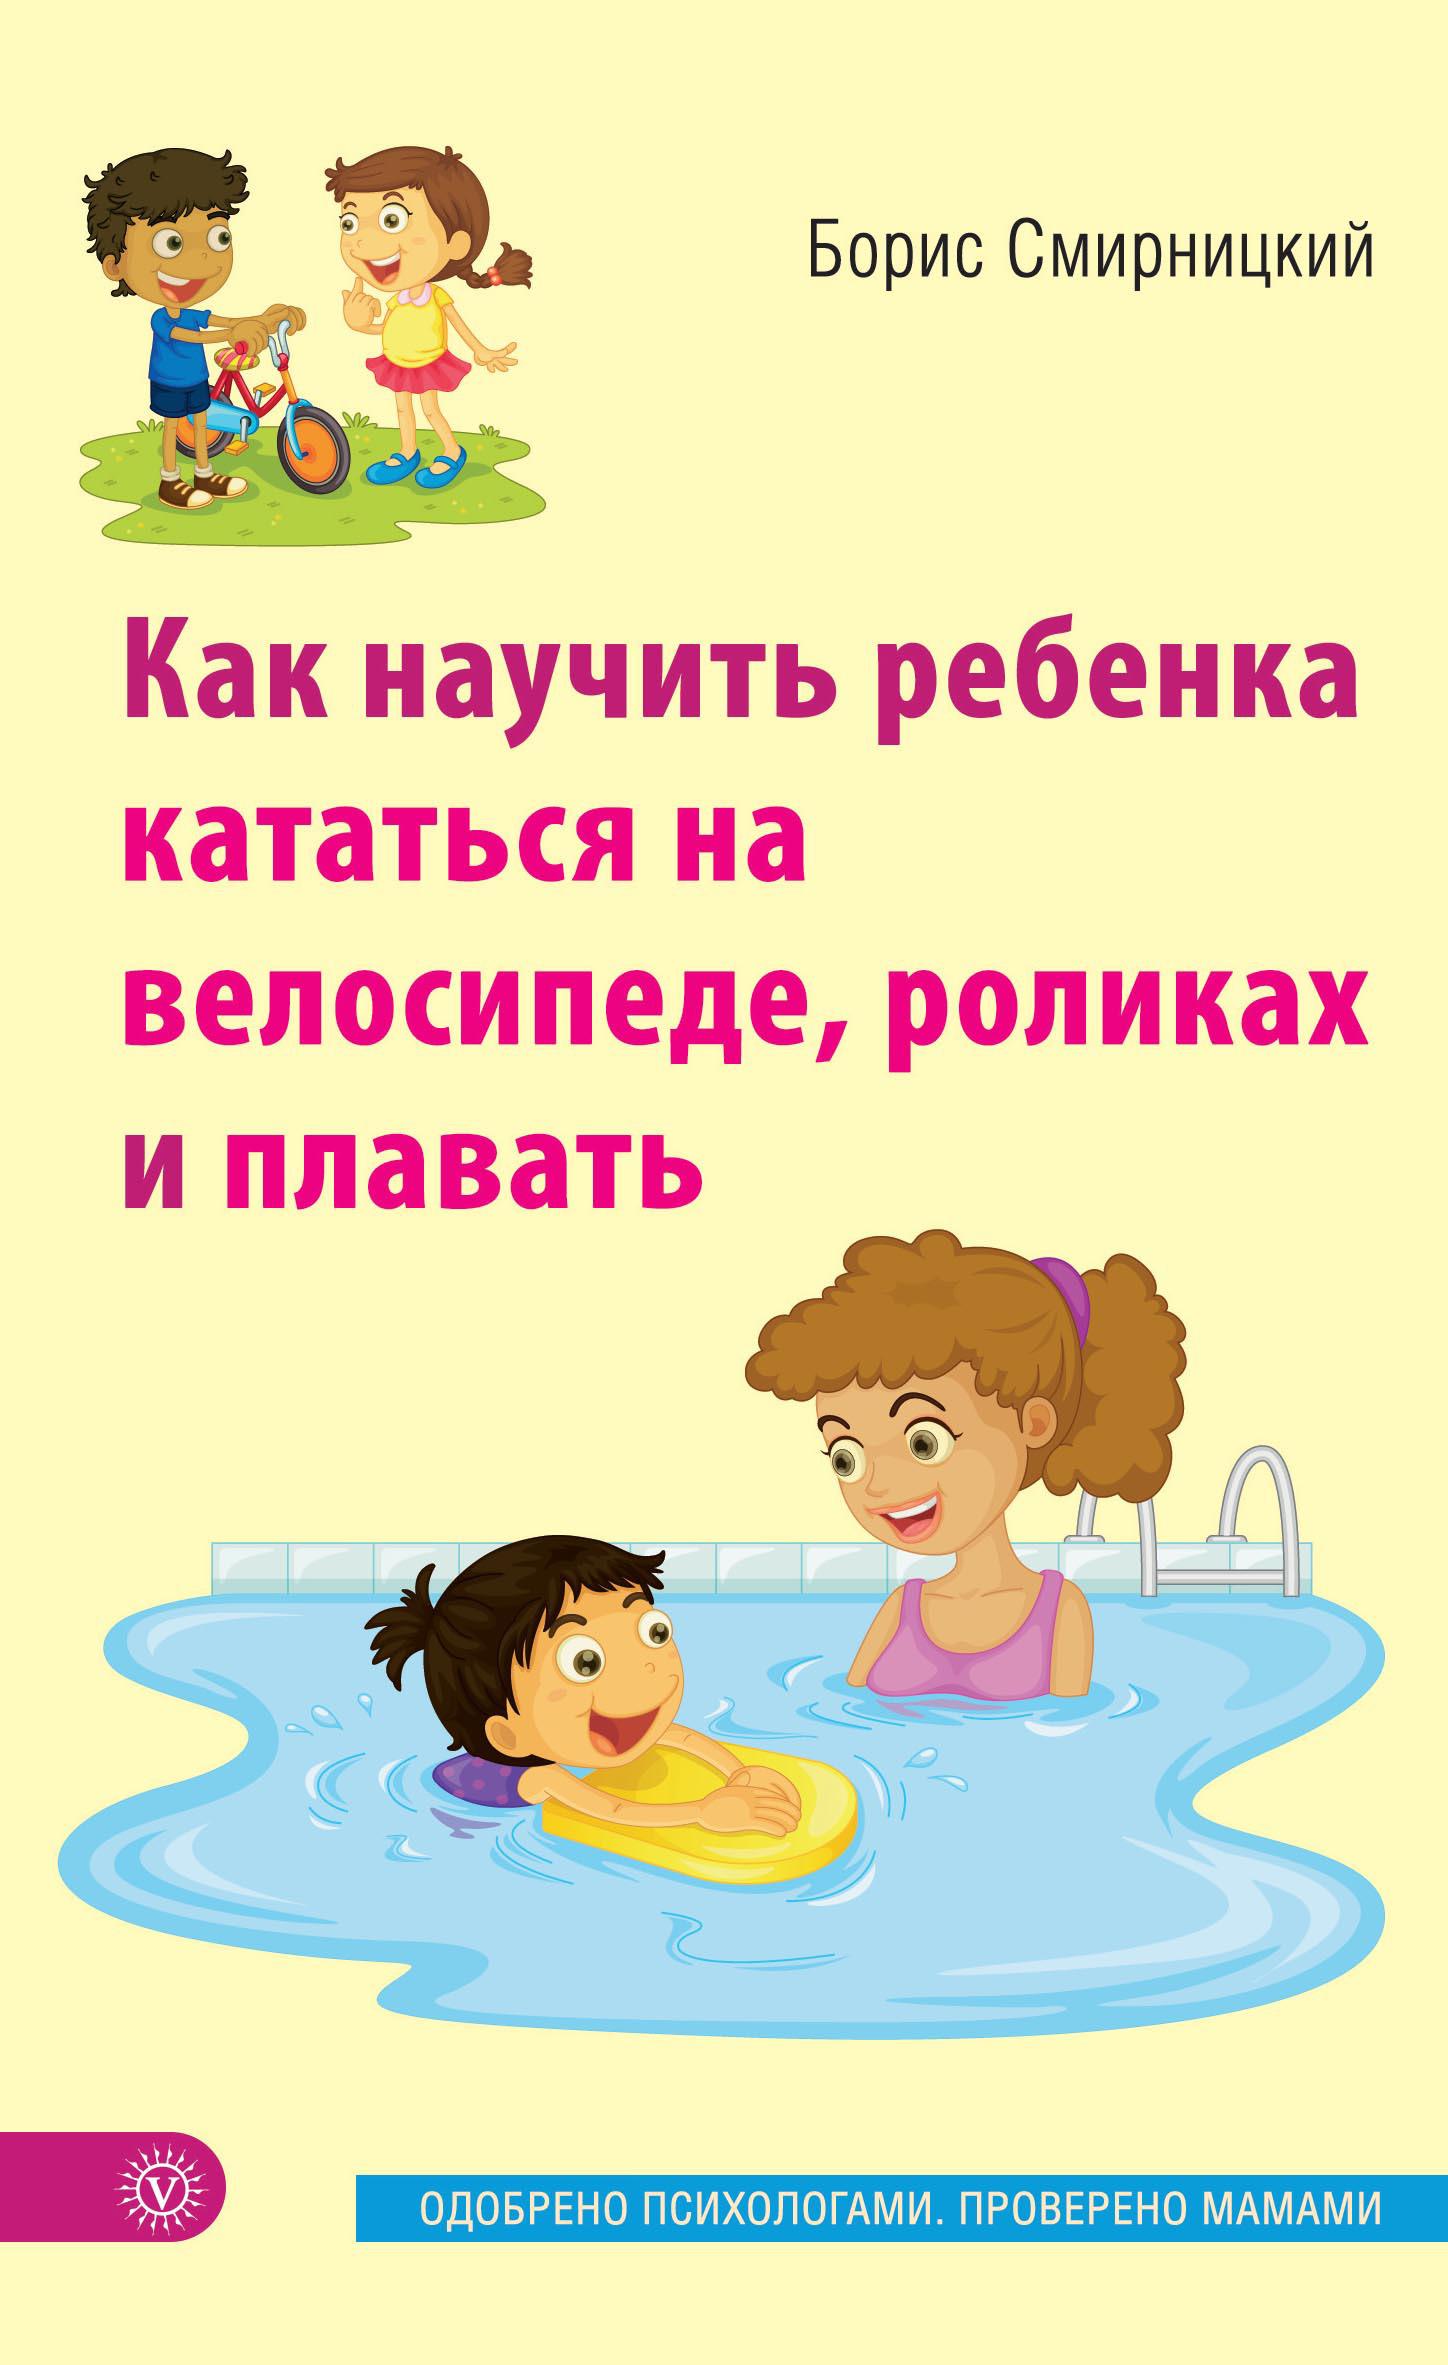 Борис Смирницкий Как научить ребенка кататься на велосипеде, роликах и плавать